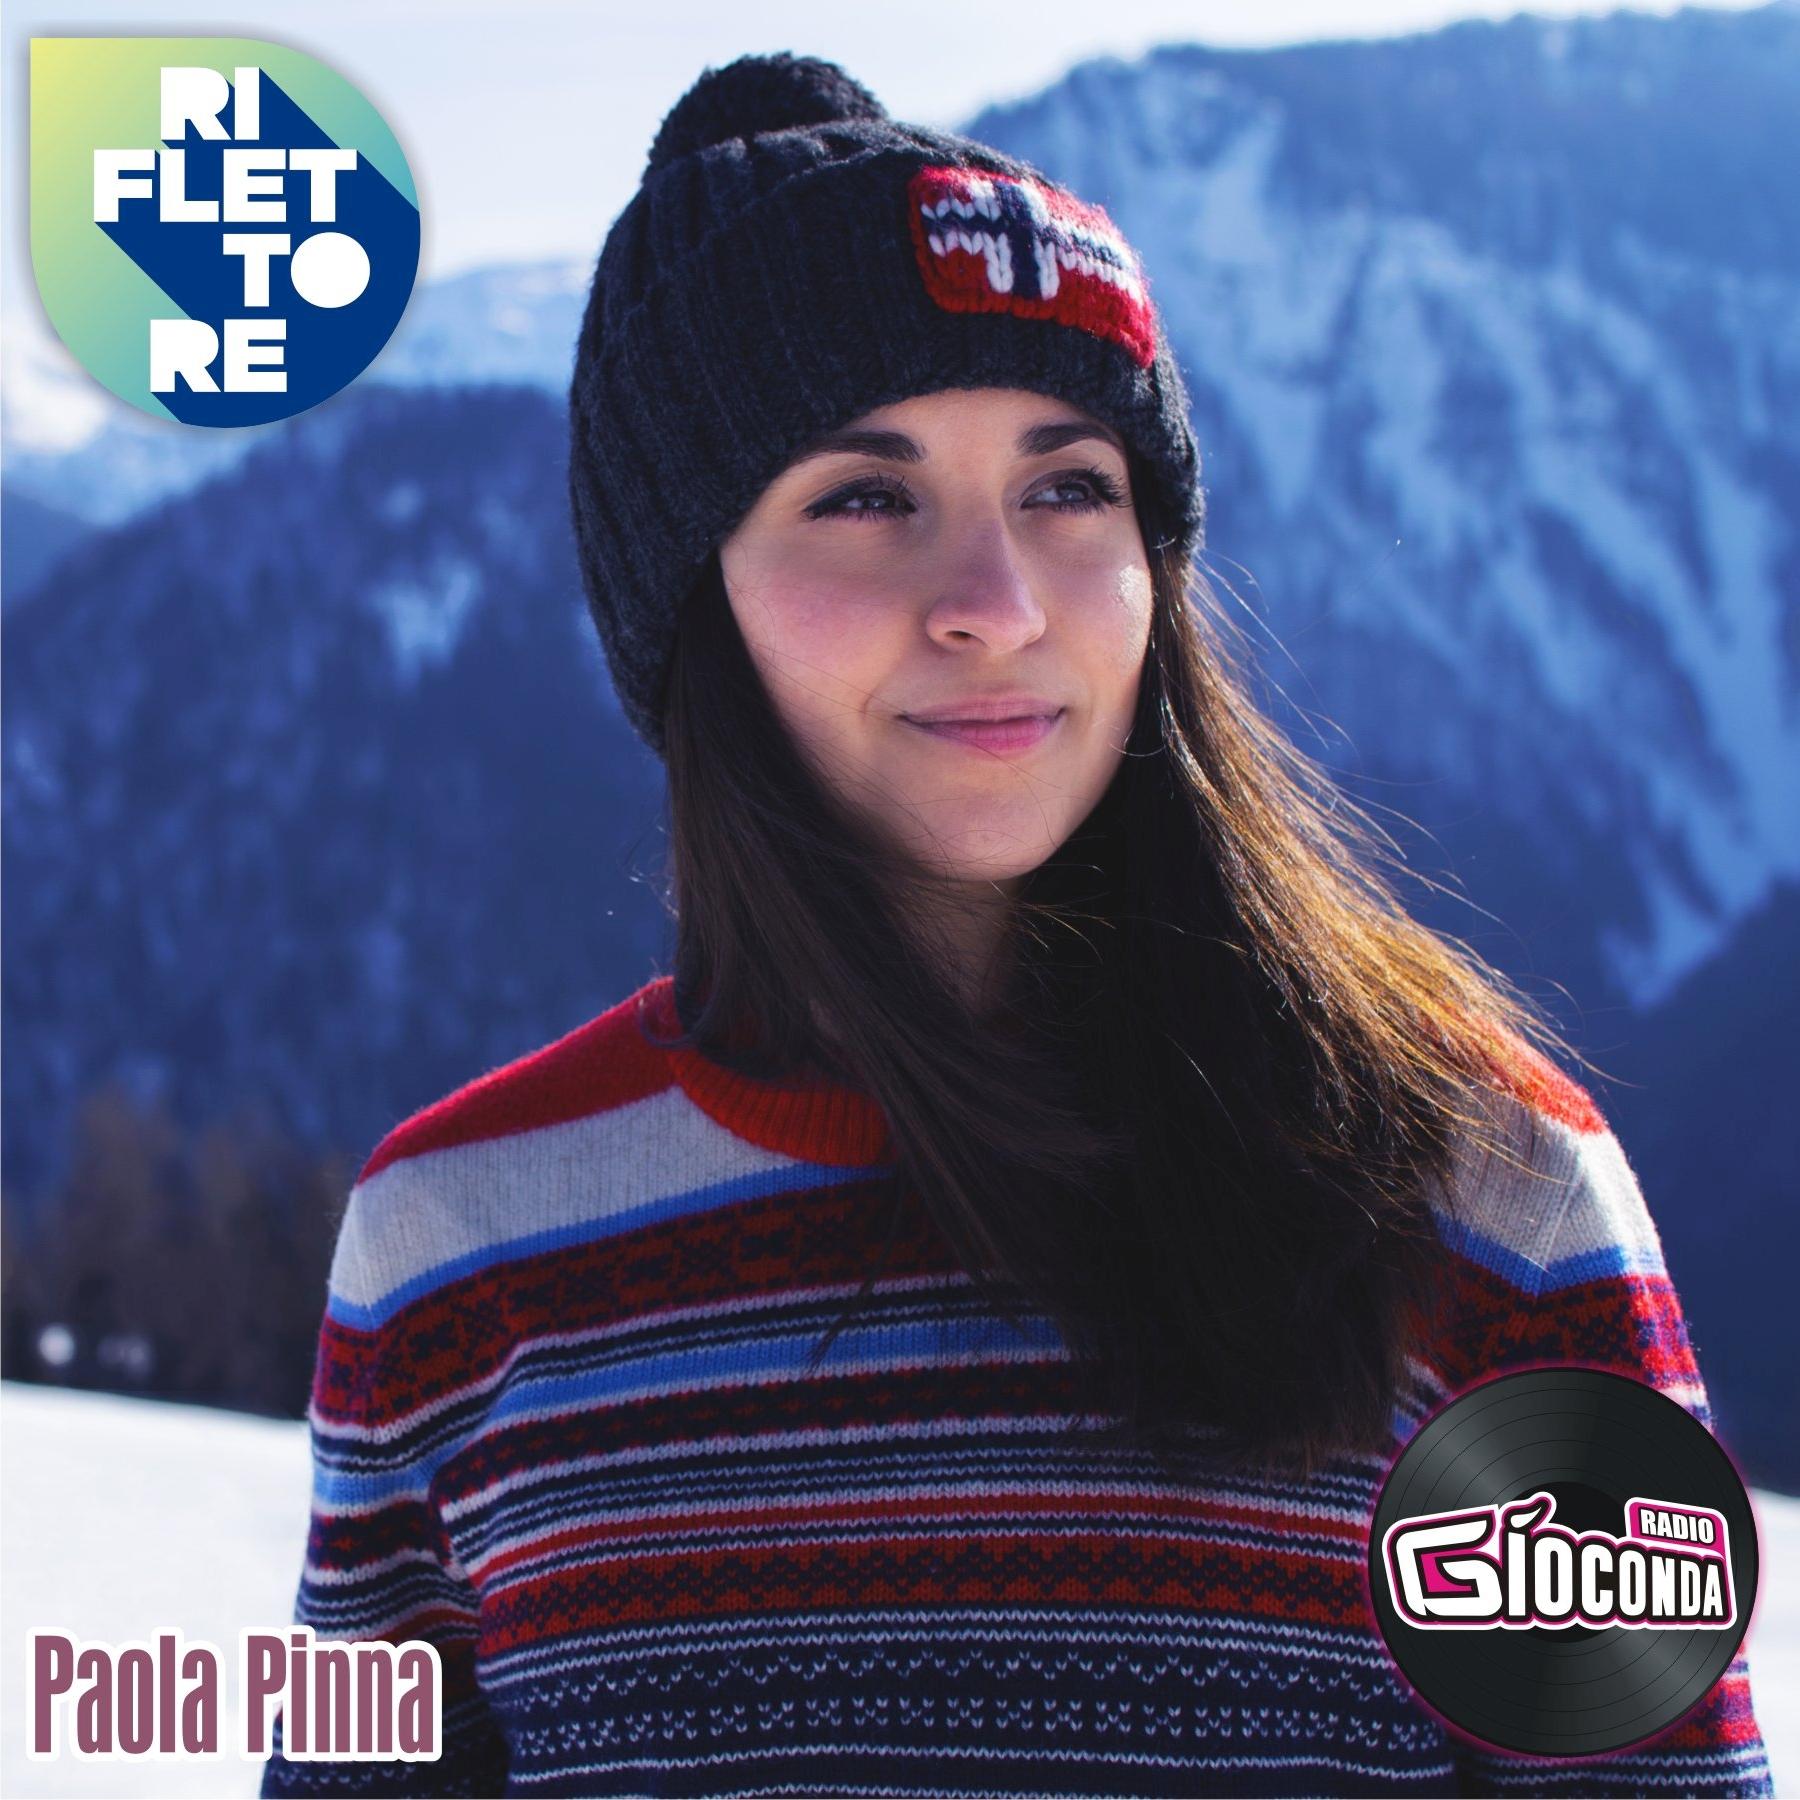 Riflettore con la cantautrice Paola Pinna